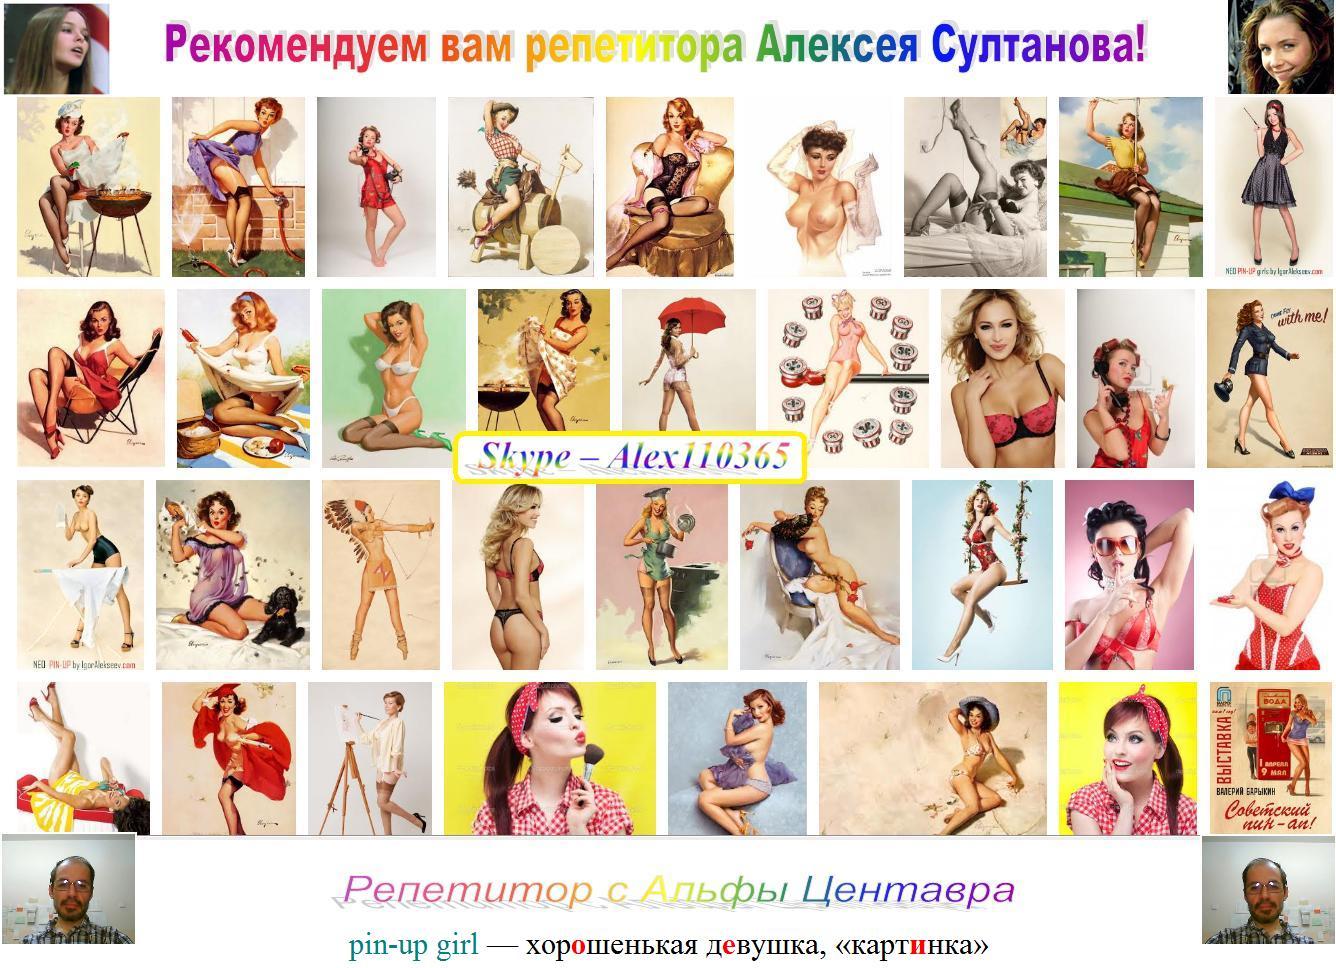 Спермоглоталки с переводом 3 фотография